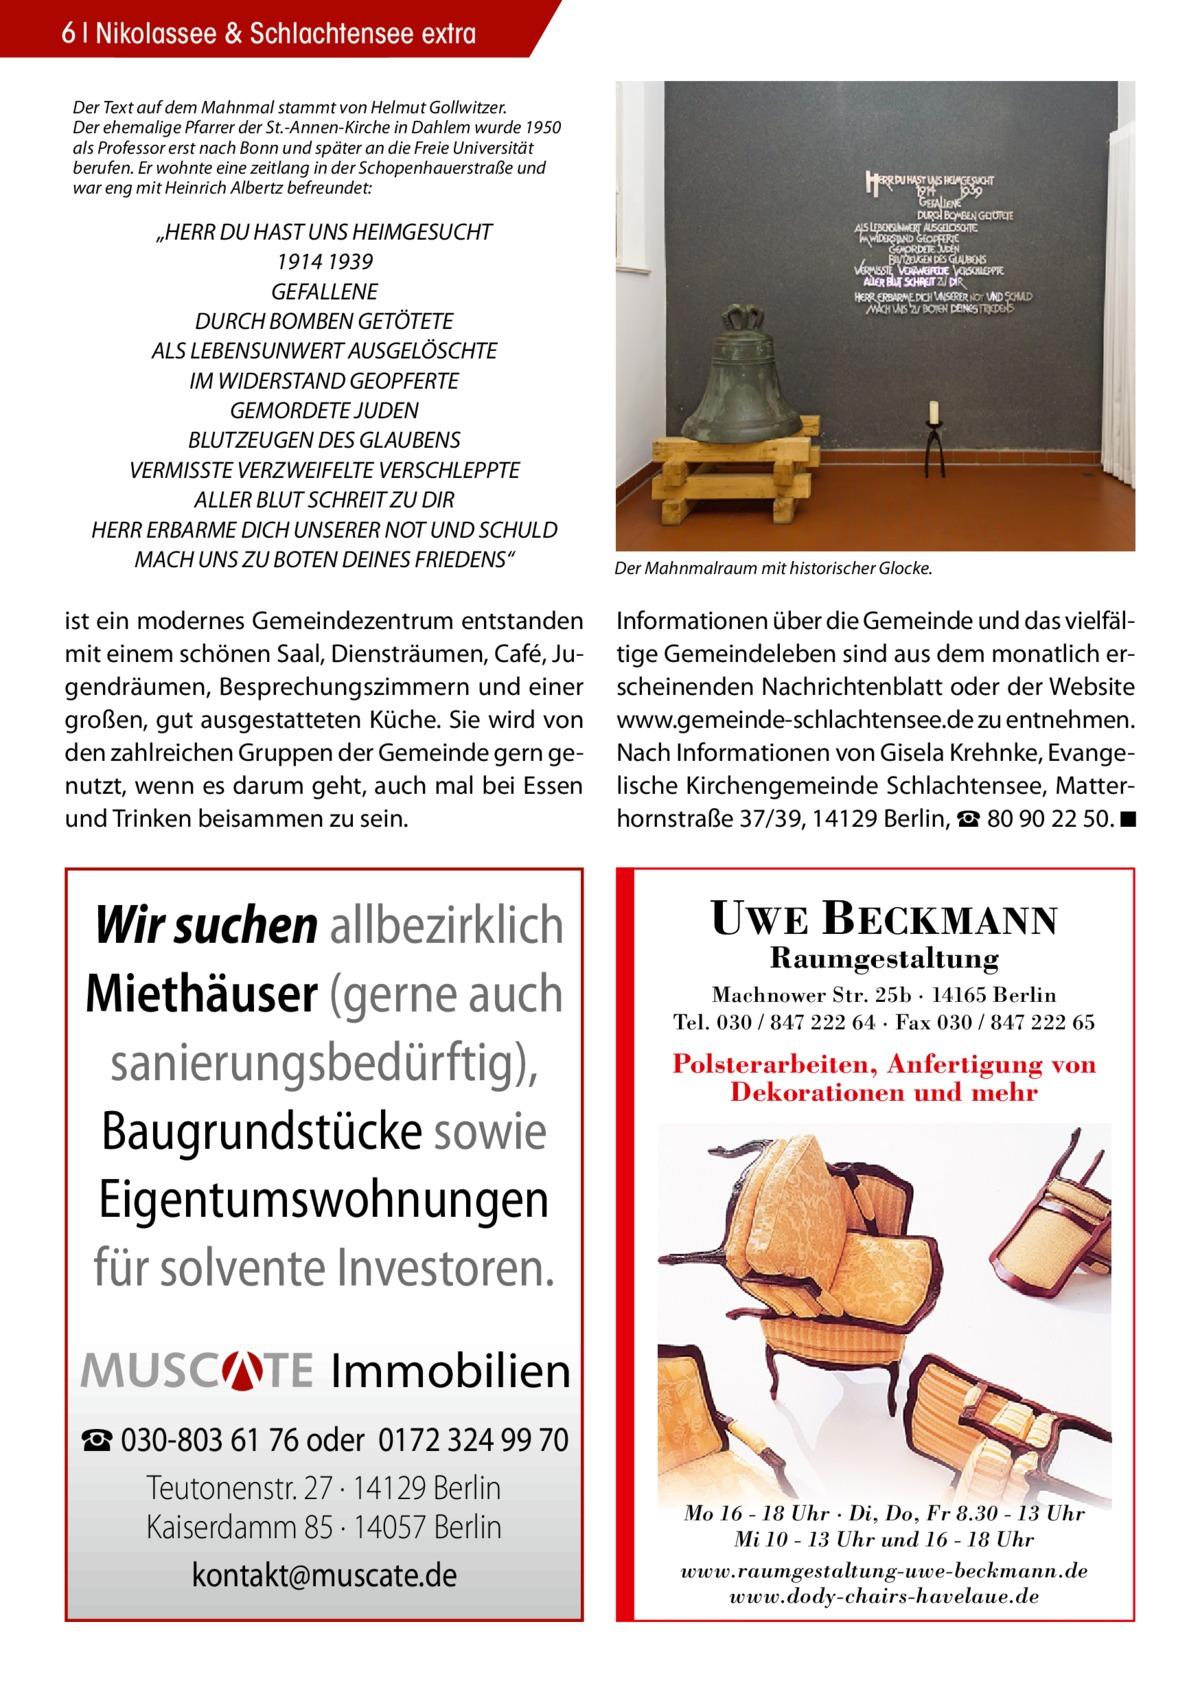 """6 Nikolassee & Schlachtensee extra Der Text auf dem Mahnmal stammt von Helmut Gollwitzer. Der ehemalige Pfarrer der St.-Annen-Kirche in Dahlem wurde 1950 als Professor erst nach Bonn und später an die Freie Universität berufen. Er wohnte eine zeitlang in der Schopenhauerstraße und war eng mit Heinrich Albertz befreundet:  """"HERR DU HAST UNS HEIMGESUCHT 1914 1939 GEFALLENE DURCH BOMBEN GETÖTETE ALS LEBENSUNWERT AUSGELÖSCHTE IM WIDERSTAND GEOPFERTE GEMORDETE JUDEN BLUTZEUGEN DES GLAUBENS VERMISSTE VERZWEIFELTE VERSCHLEPPTE ALLER BLUT SCHREIT ZU DIR HERR ERBARME DICH UNSERER NOT UND SCHULD MACH UNS ZU BOTEN DEINES FRIEDENS""""  Der Mahnmalraum mit historischer Glocke.  ist ein modernes Gemeindezentrum entstanden mit einem schönen Saal, Diensträumen, Café, Jugendräumen, Besprechungszimmern und einer großen, gut ausgestatteten Küche. Sie wird von den zahlreichen Gruppen der Gemeinde gern genutzt, wenn es darum geht, auch mal bei Essen und Trinken beisammen zu sein.  Informationen über die Gemeinde und das vielfältige Gemeindeleben sind aus dem monatlich erscheinenden Nachrichtenblatt oder der Website www.gemeinde‐schlachtensee.de zu entnehmen. Nach Informationen von Gisela Krehnke, Evangelische Kirchengemeinde Schlachtensee, Matterhornstraße 37/39, 14129 Berlin, ☎80902250. ◾  Wir suchen allbezirklich Miethäuser (gerne auch sanierungsbedürftig), Baugrundstücke sowie Eigentumswohnungen für solvente Investoren.  UWE BECKMANN Raumgestaltung  Machnower Str. 25b · 14165 Berlin Tel. 030 / 847 222 64 · Fax 030 / 847 222 65  Polsterarbeiten, Anfertigung von Dekorationen und mehr  Immobilien ☎ 030-803 61 76 oder 0172 324 99 70 Teutonenstr. 27 · 14129 Berlin Kaiserdamm 85 · 14057 Berlin kontakt@muscate.de  Mo 16 - 18 Uhr · Di, Do, Fr 8.30 - 13 Uhr Mi 10 - 13 Uhr und 16 - 18 Uhr www.raumgestaltung-uwe-beckmann.de www.dody-chairs-havelaue.de"""